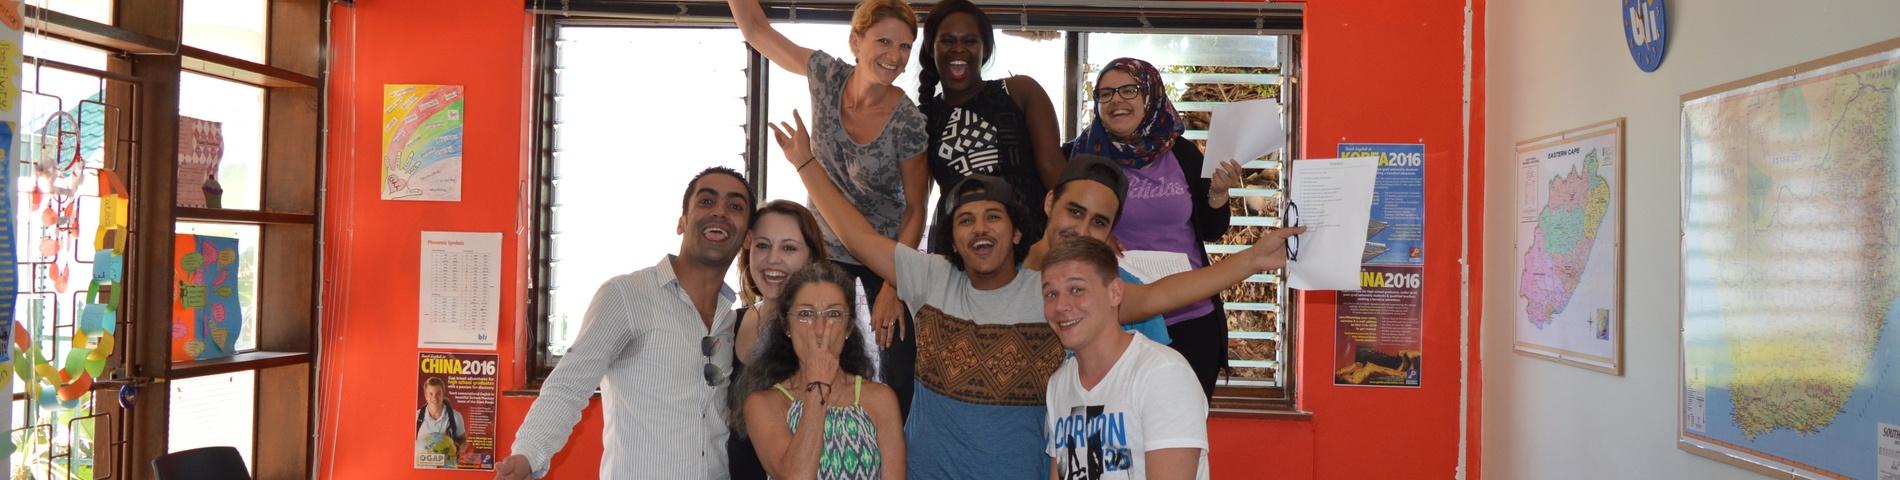 Imagen 1 de la escuela Bay Language Institute